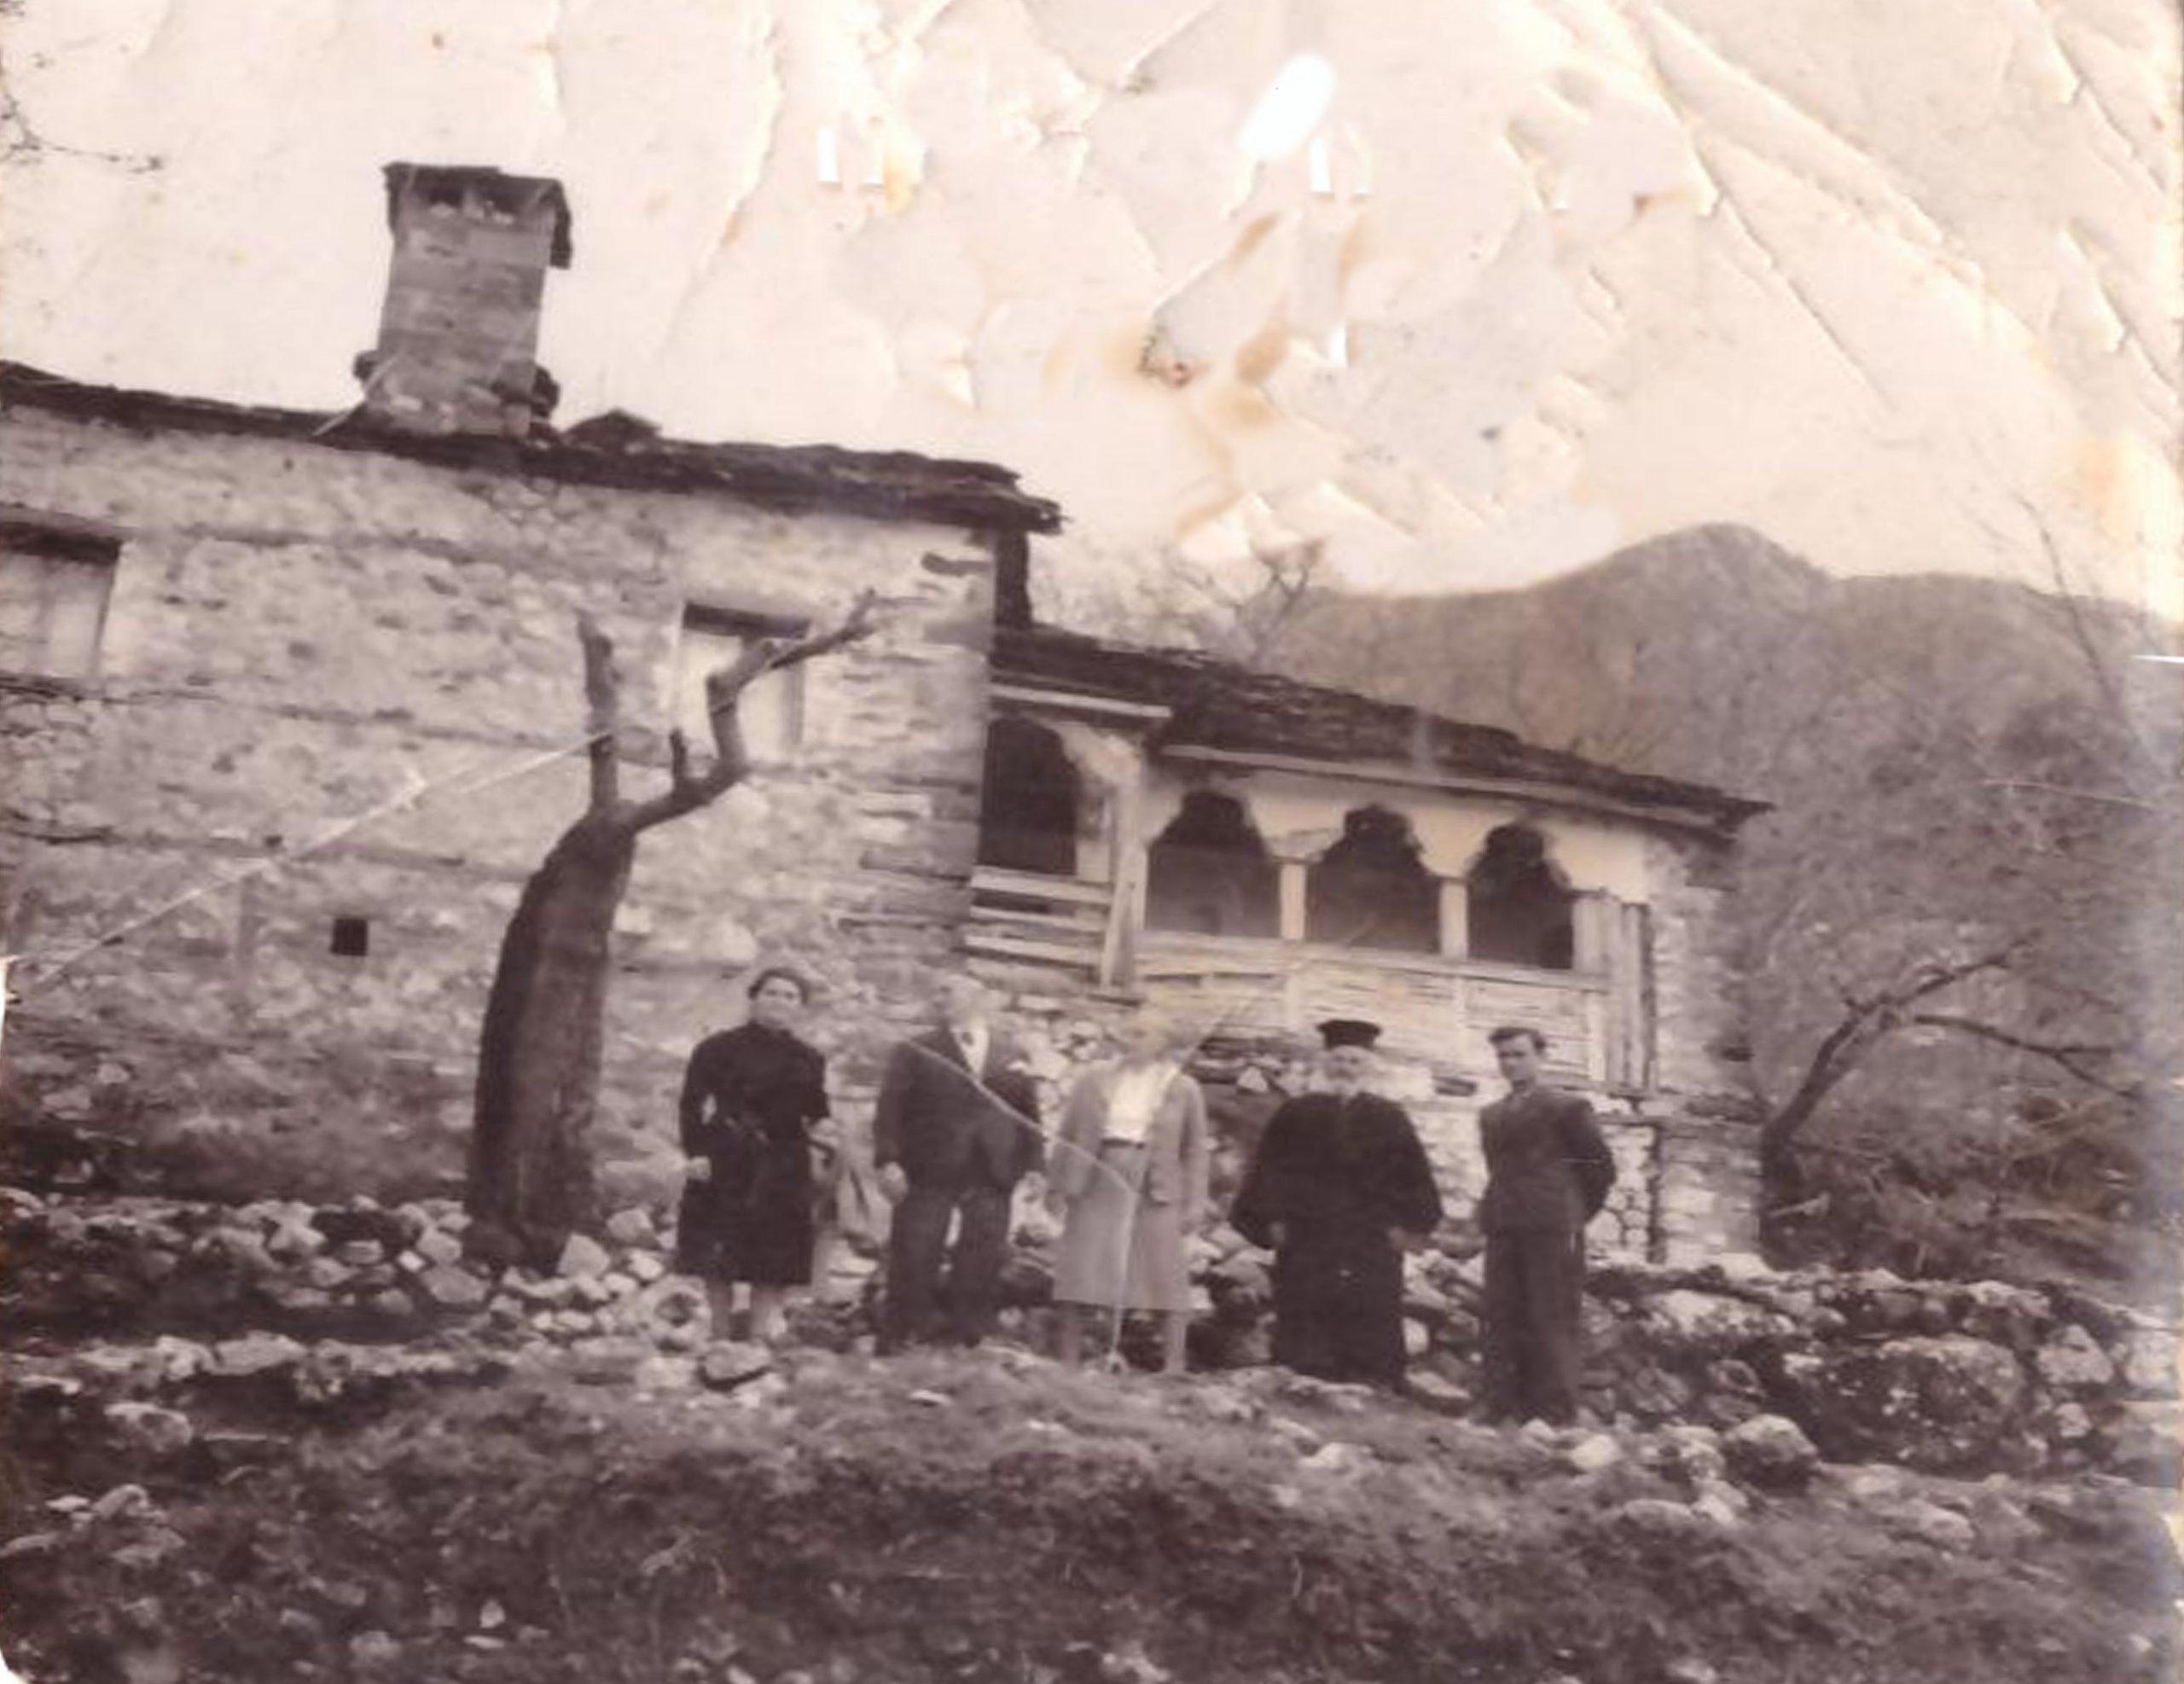 Το πατρικό σπίτι του γλύπτη Θεόδωρου Παπαδημητρίου στον Άγιο Βλάση στην περίοδο του μεσοπολέμου.